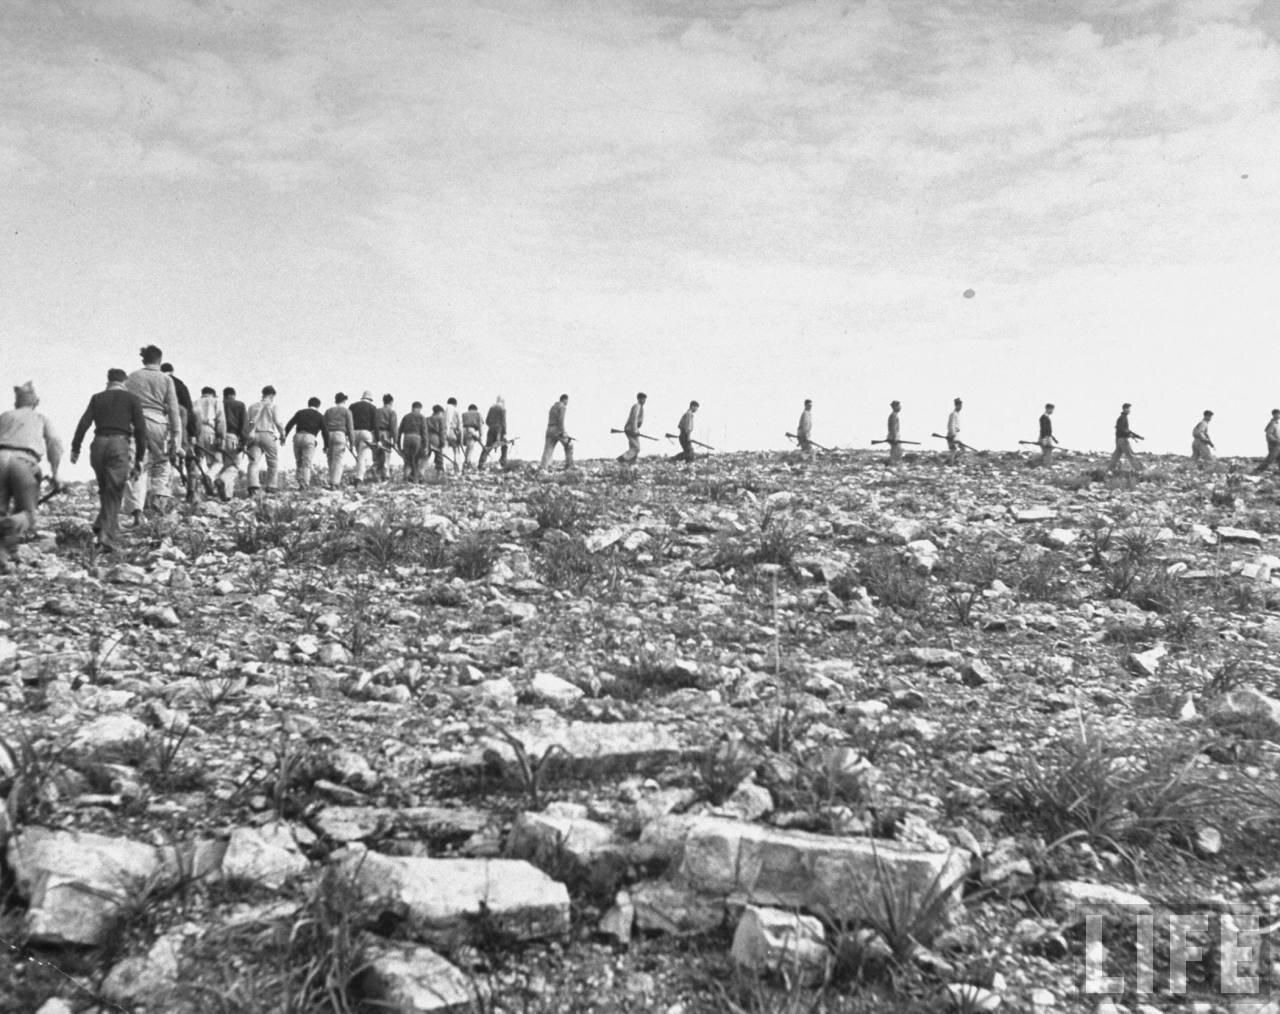 1948. Члены «Хаганы» маршируют к секретной тренировочной базе в горах